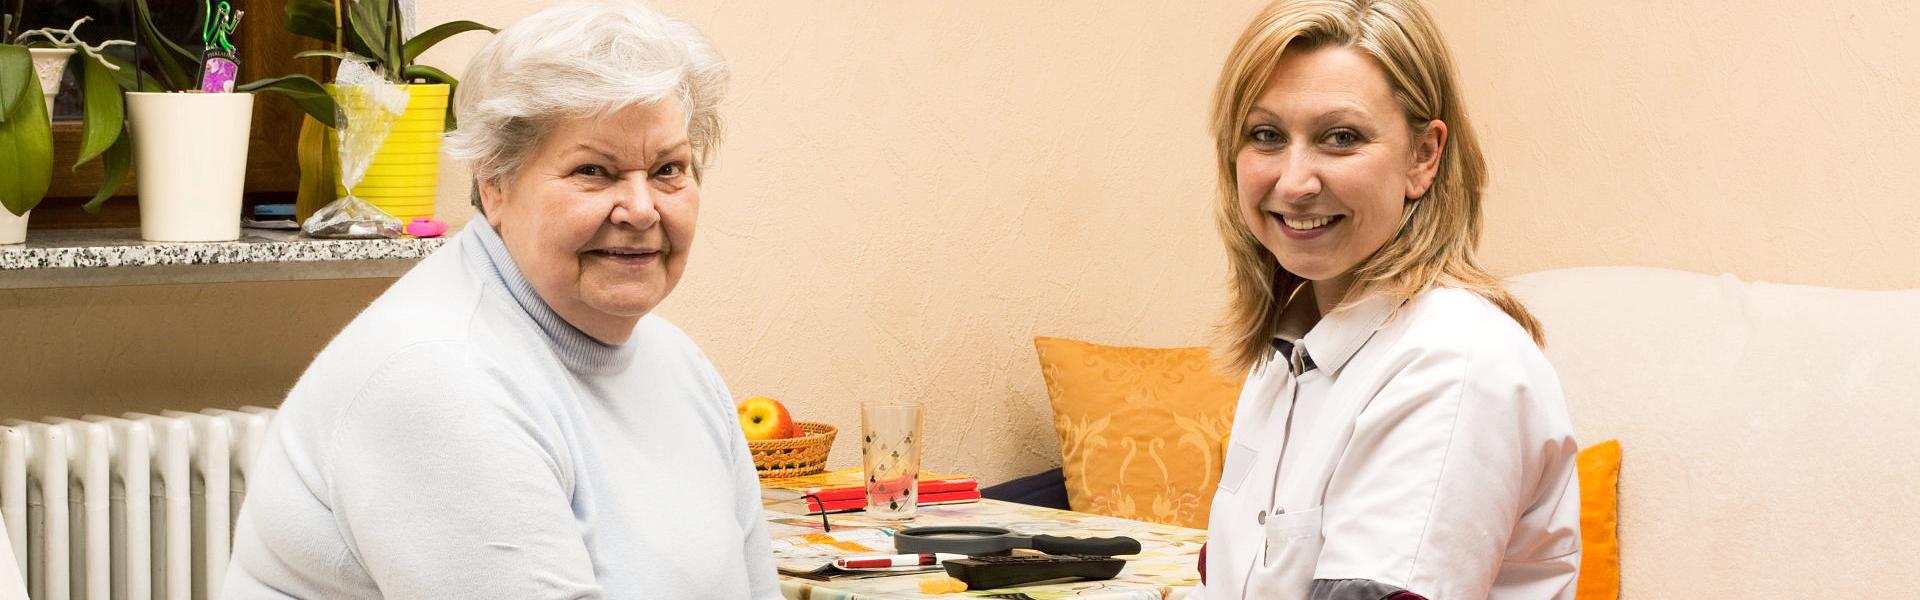 Caregiver and elder doing something